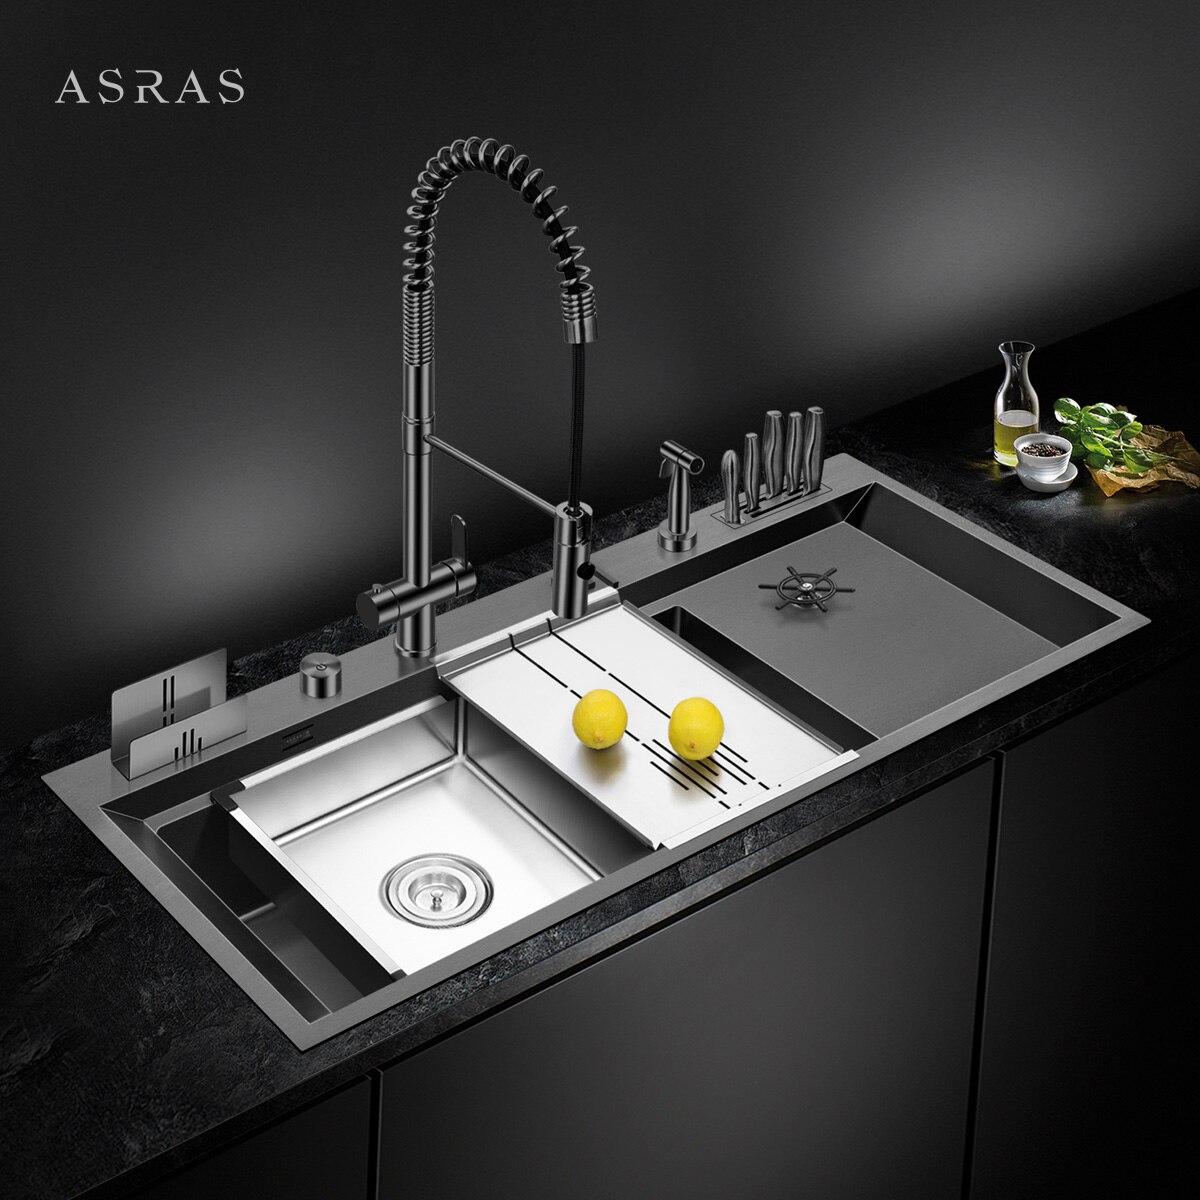 ASRAS كبيرة الحجم نانومتر بالوعة كأس Rinser بالوعة المطبخ 4 مللي متر سمك 220 مللي متر عمق مع استنزاف لوحة حامل سكاكين المصارف اليدوية